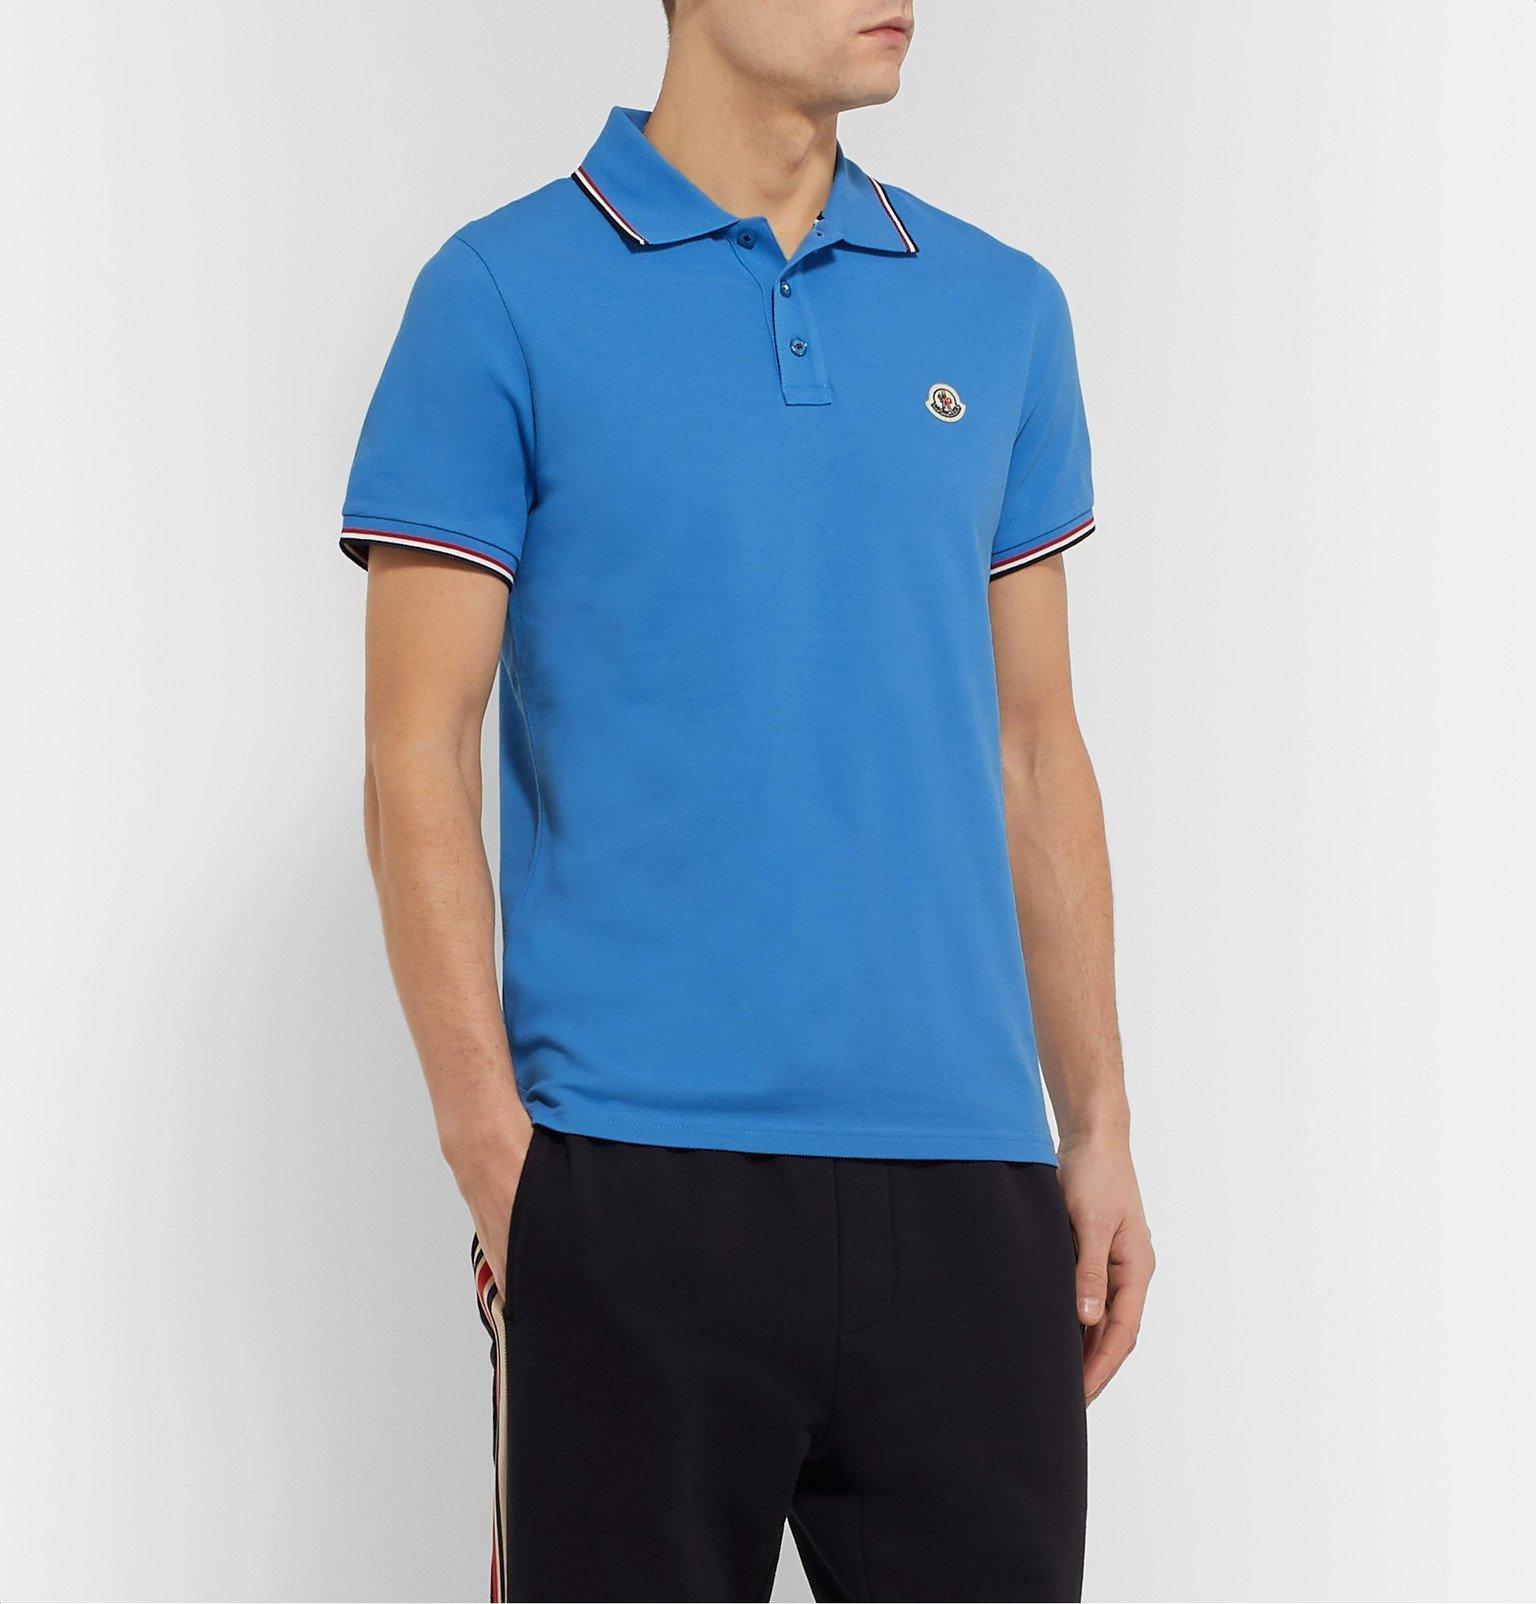 Moncler - Logo-Appliquéd Striped Cotton-Piqué Polo Shirt - Blue